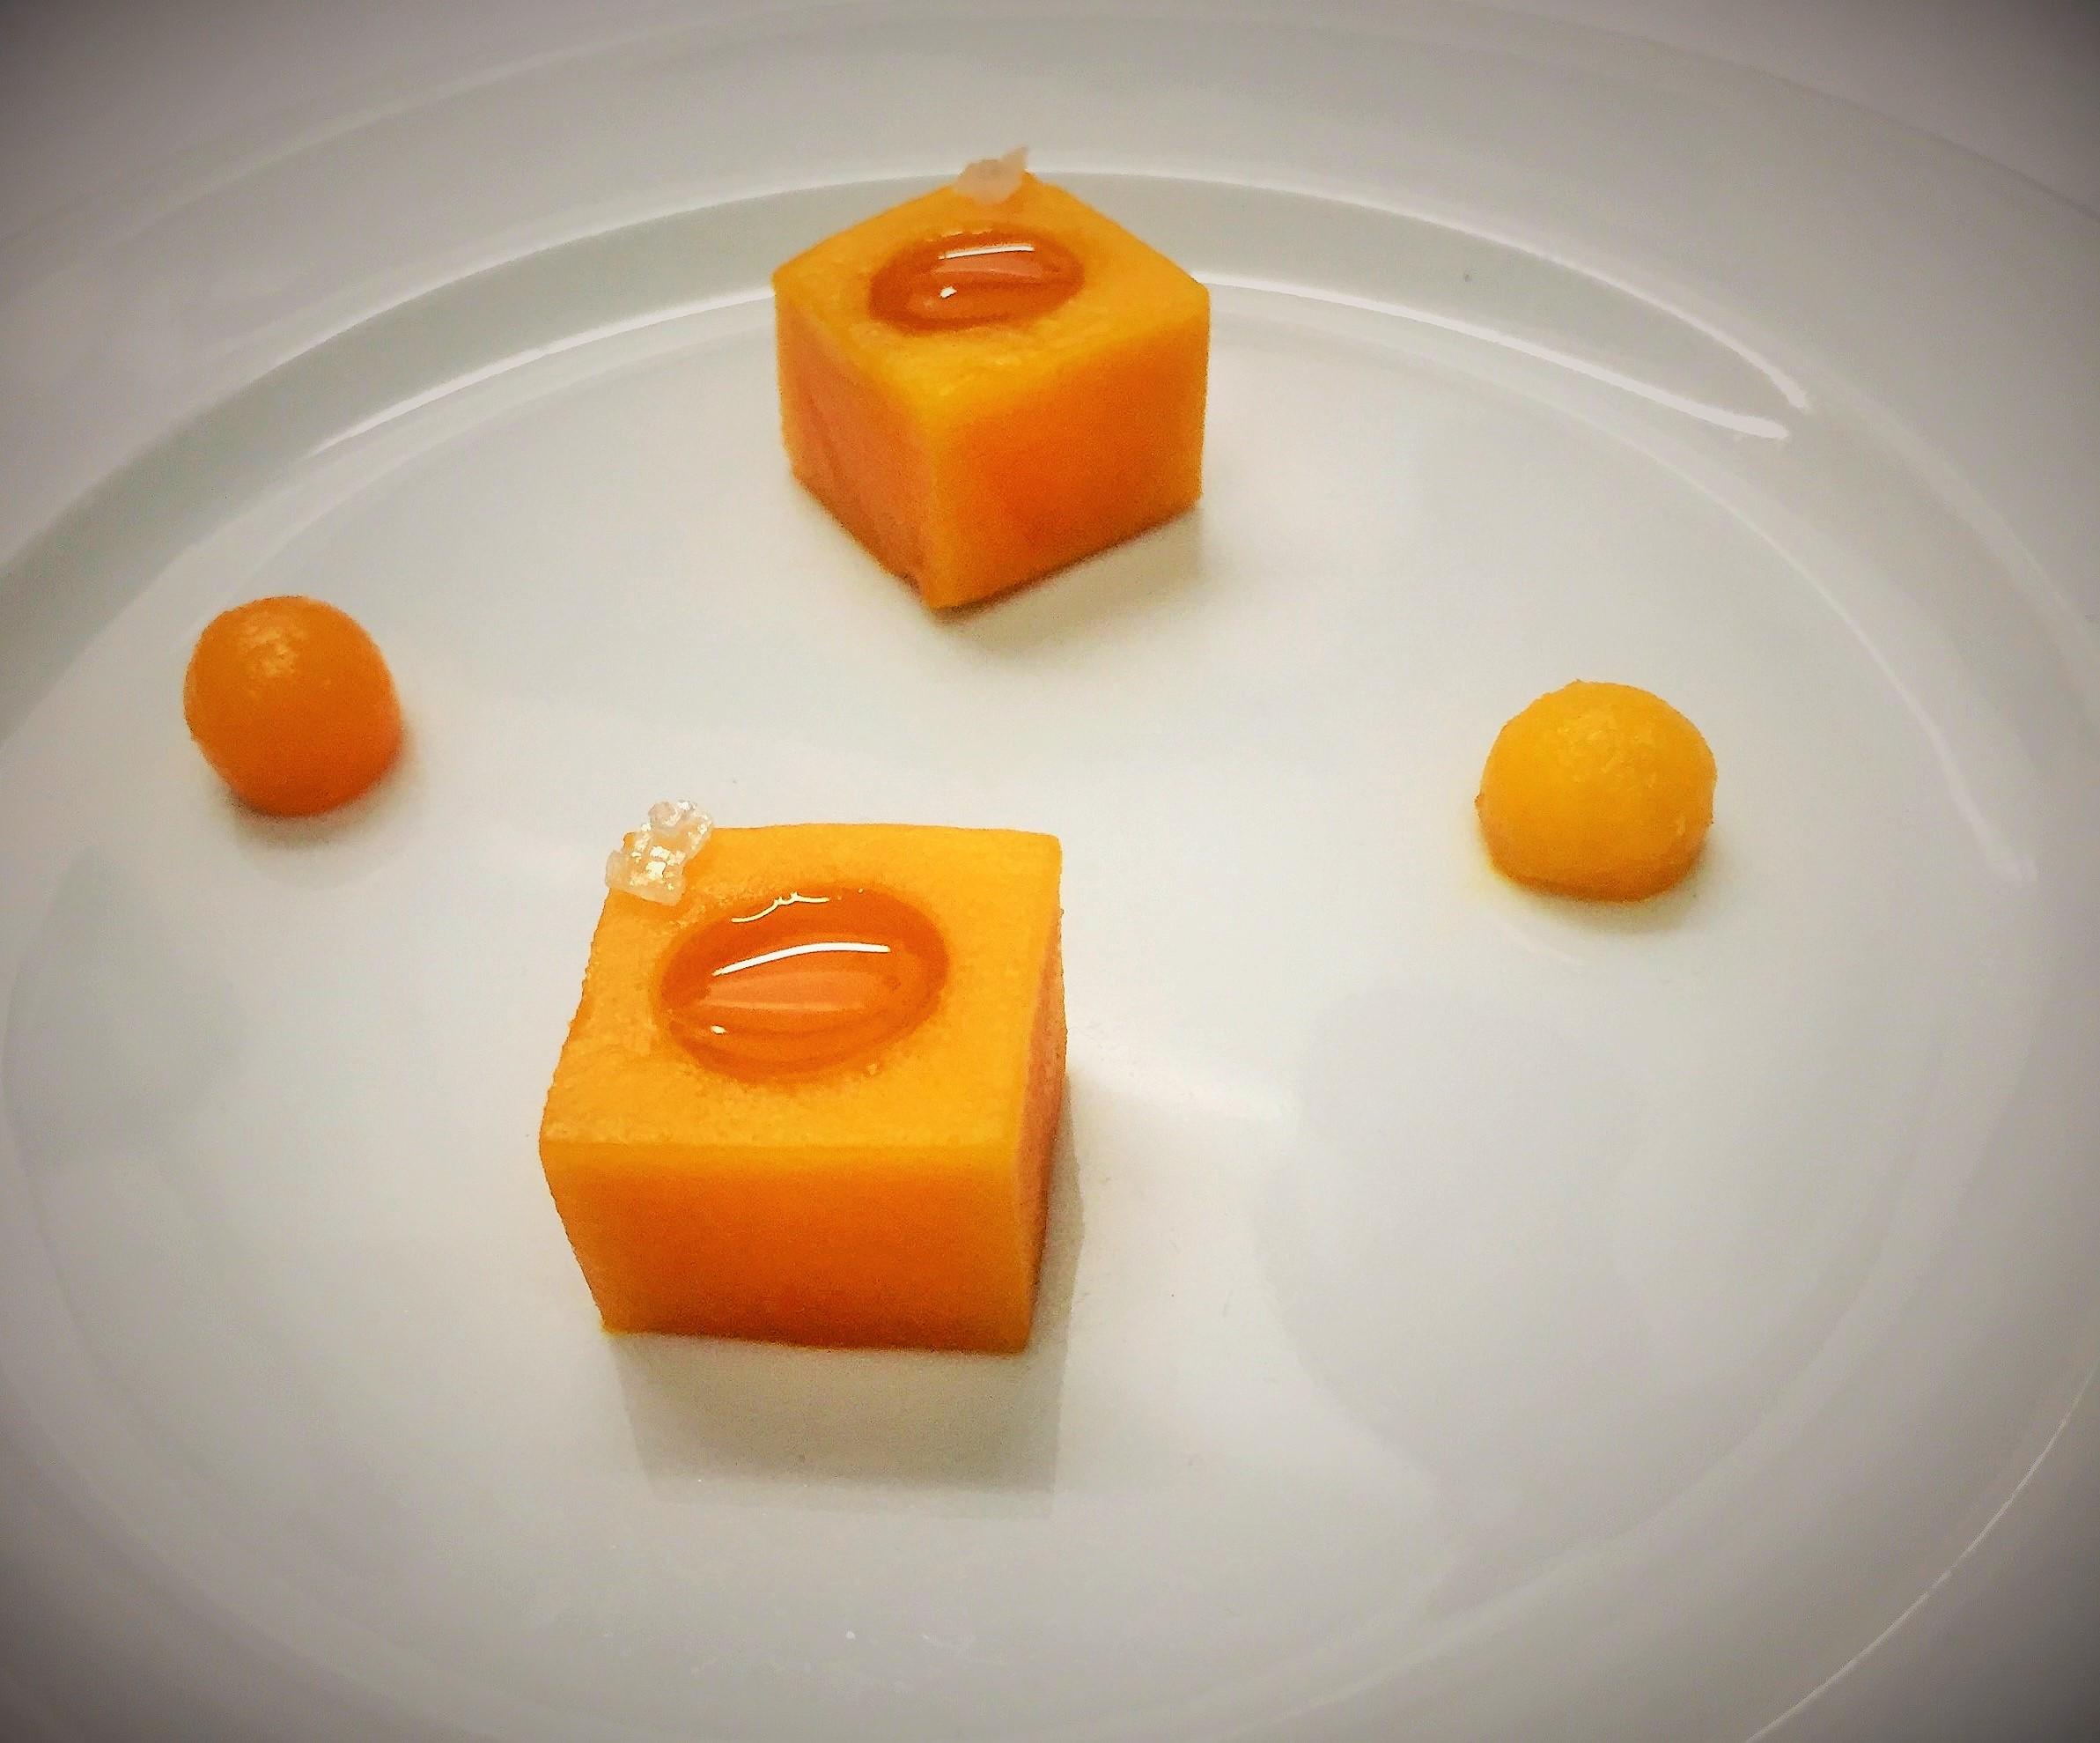 mango-mit-zwei-oelen